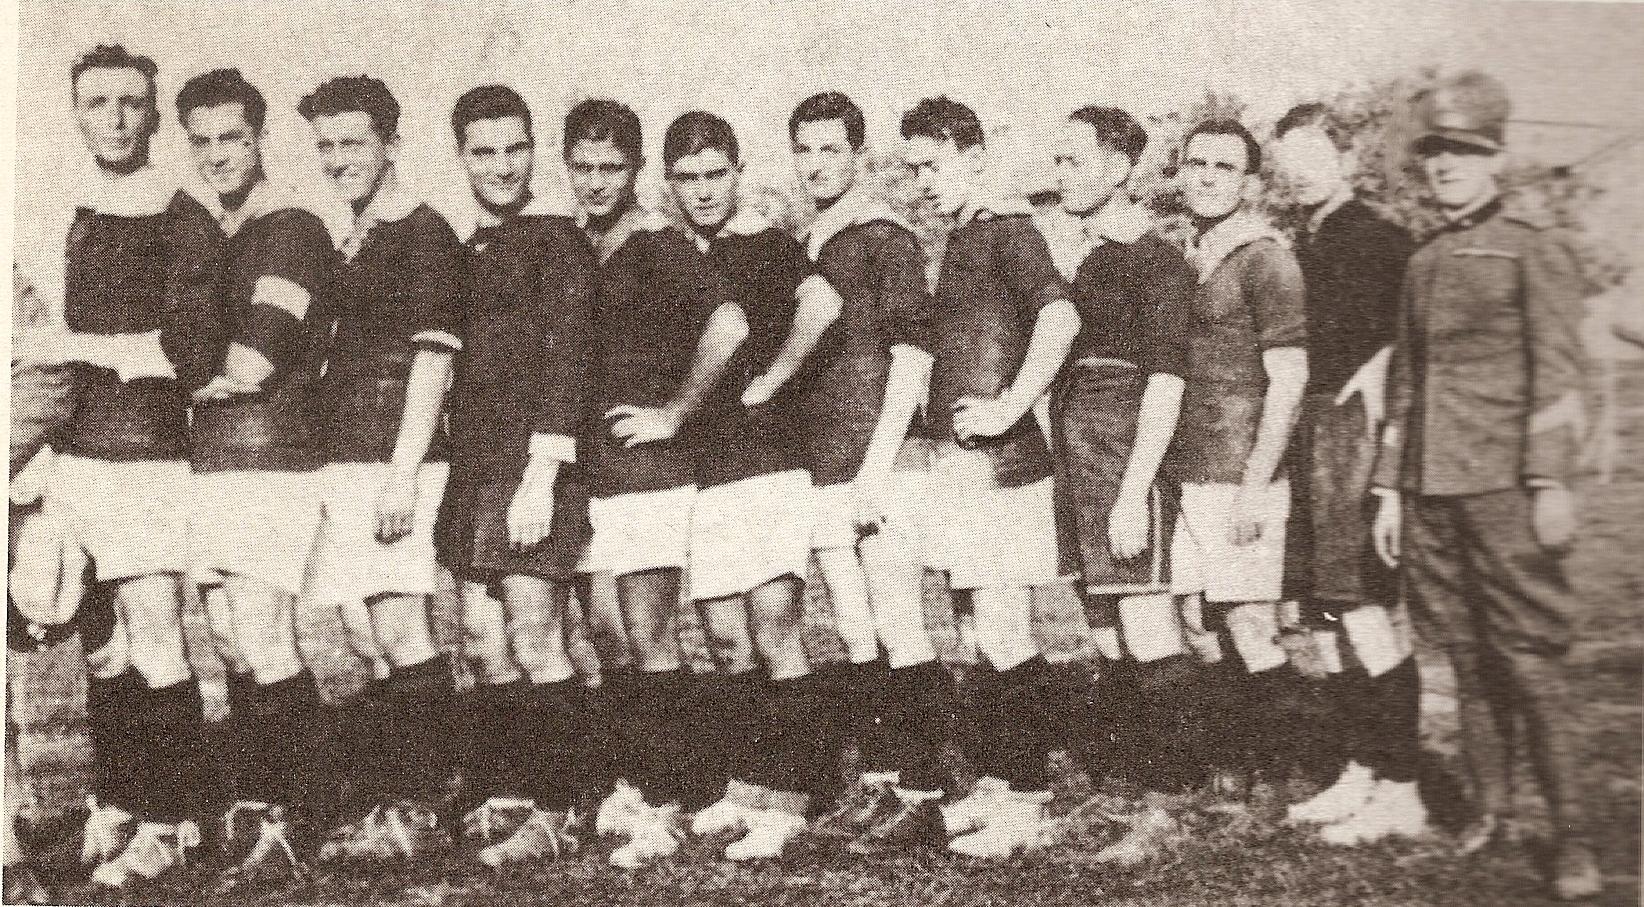 Una formazione del 1923/24 della S.S.Casalecchio